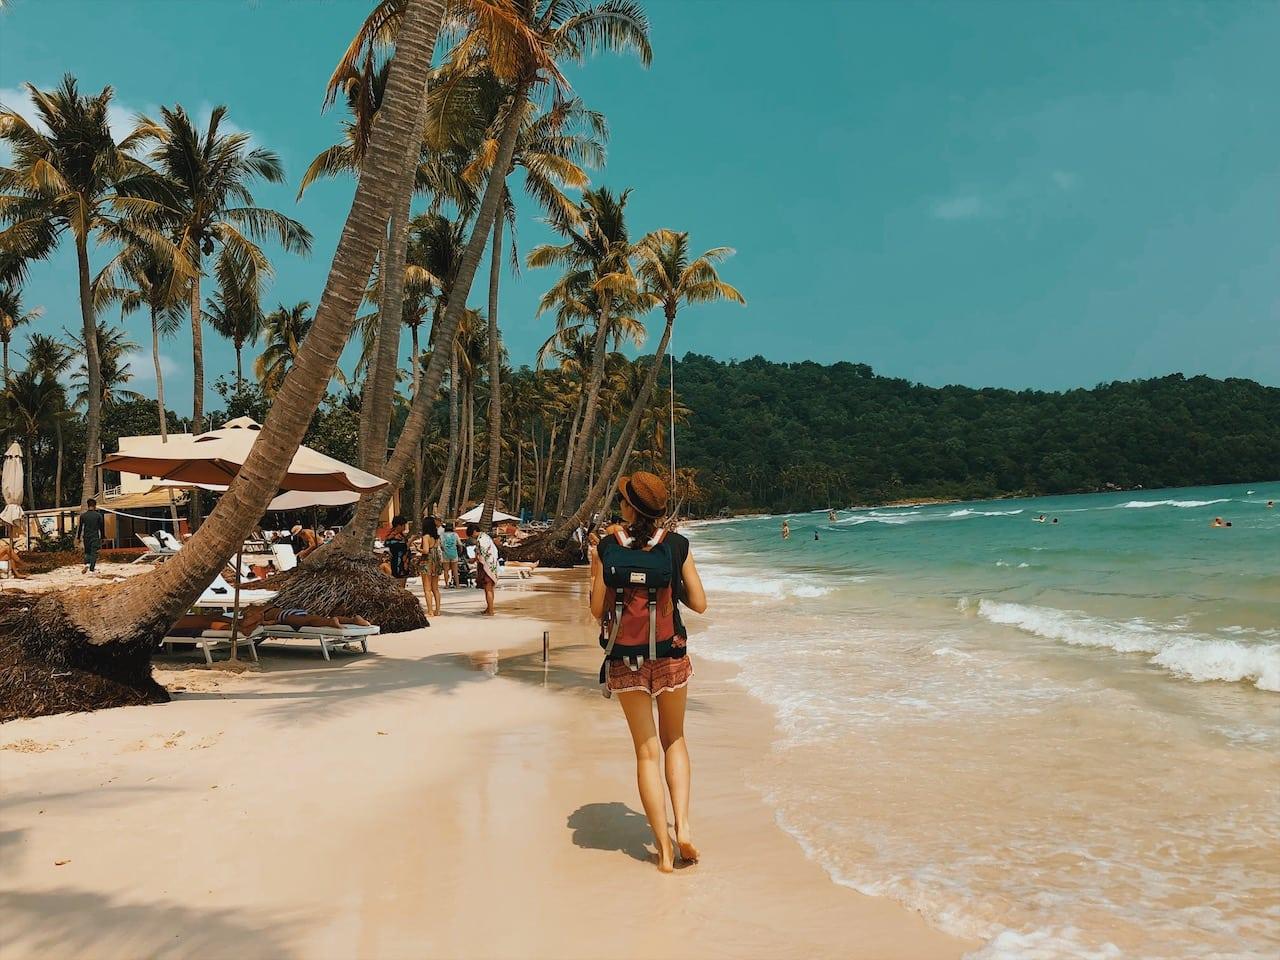 sao beach, plaża piasek biały, palmy nad wodą, rajski widok, leżaki, ciekawe miejsca wyspa phu quoc wietnam neverendingtravel.pl